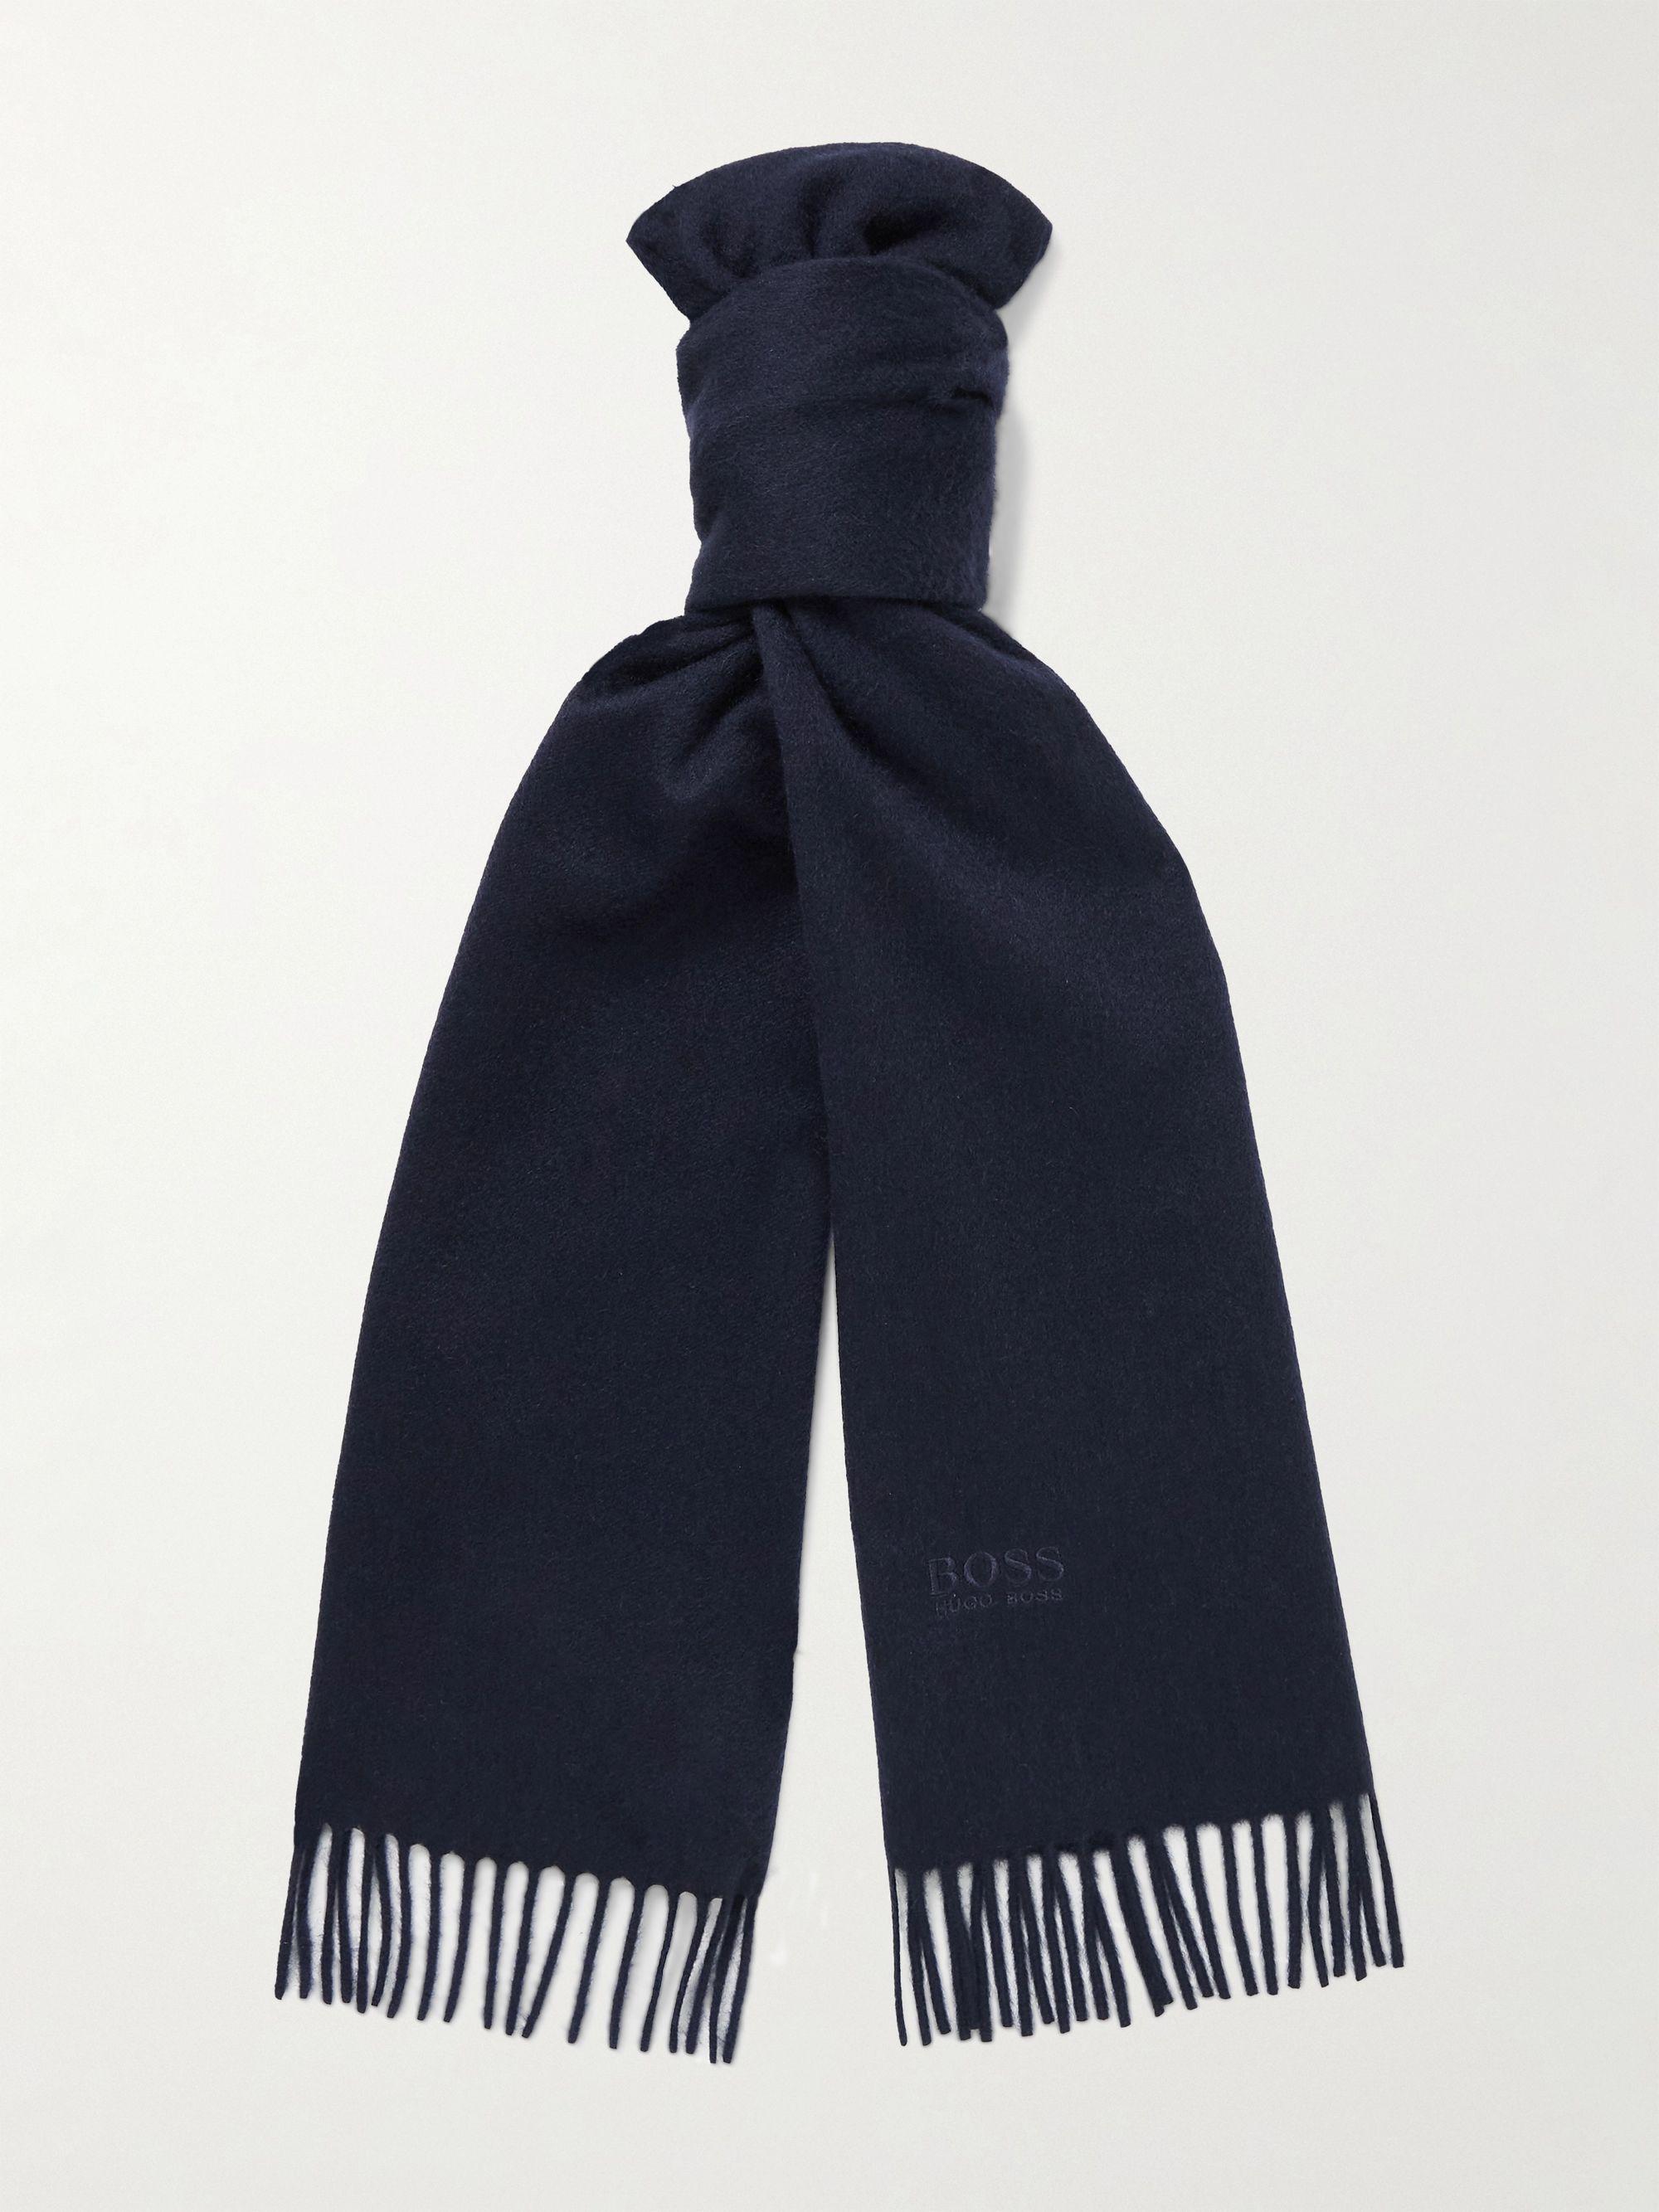 휴고 보스 스카프 Hugo Boss Logo-Embroidered Fringed Cashmere Scarf,Navy